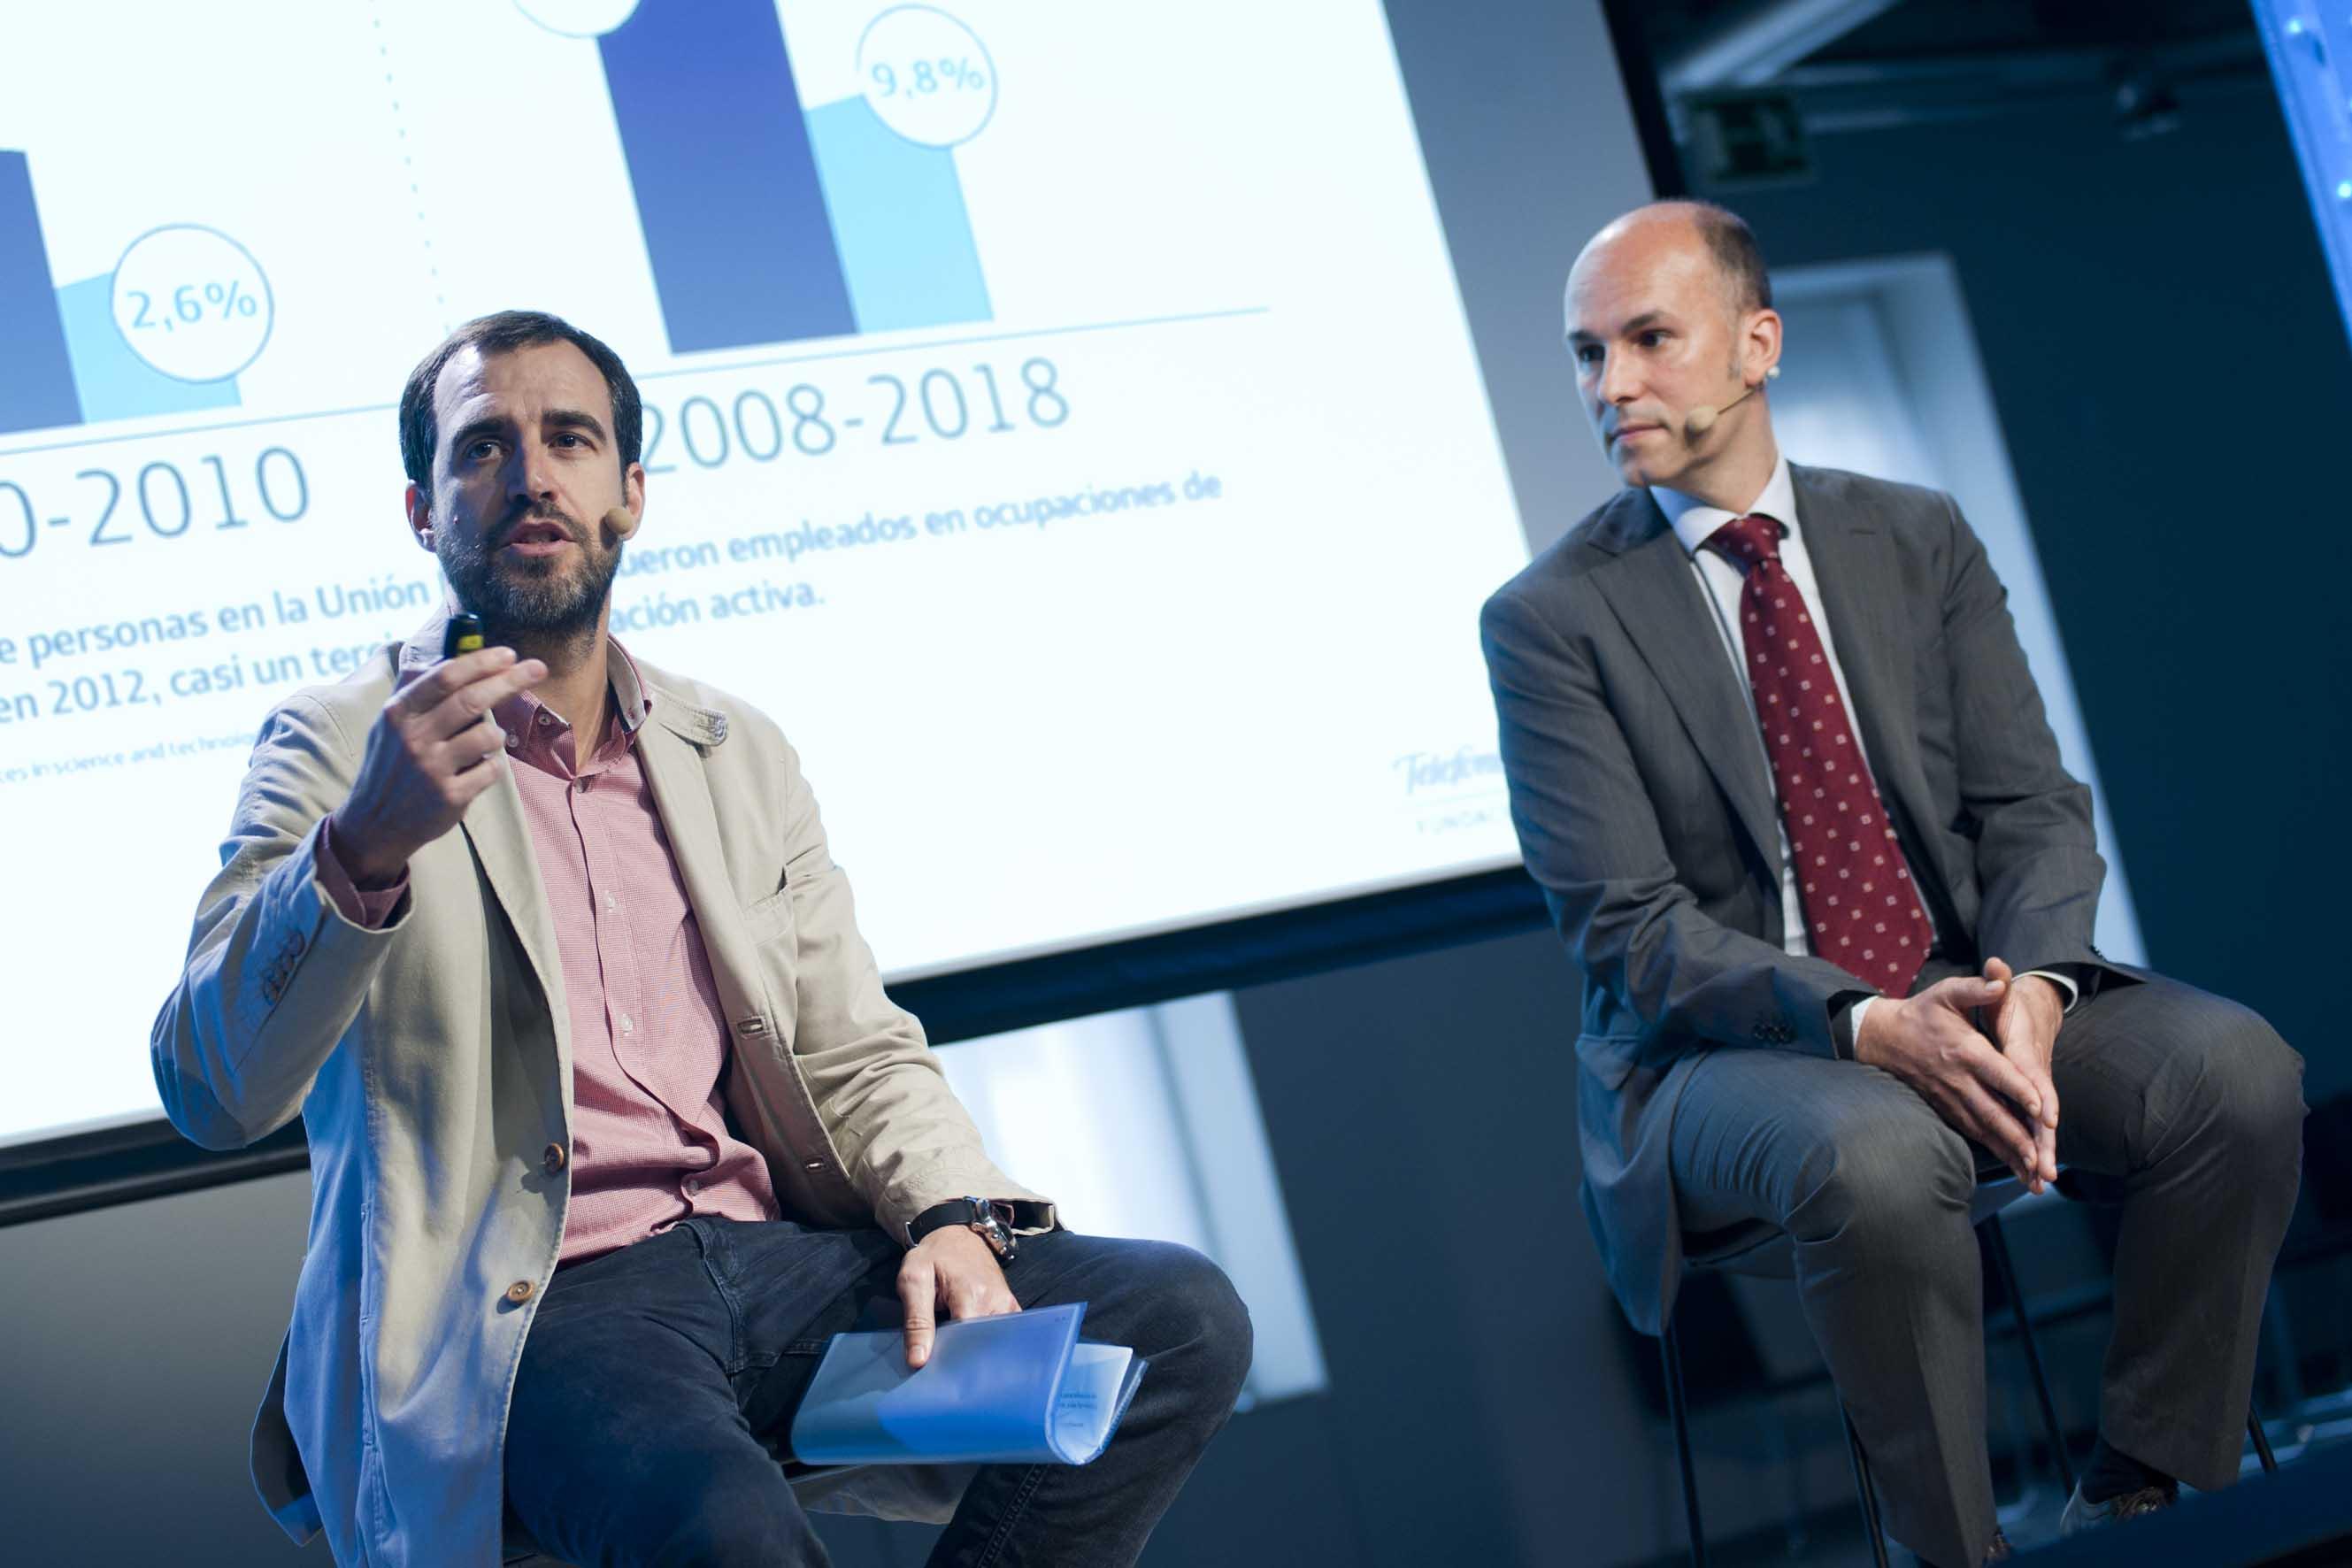 Pablo Gonzalo, del Área de Estrategia y Educación de Fundación Telefónica, y Miquel de Paladella, del equipo de investigación de UpSocial, charlan sobre el proyecto.